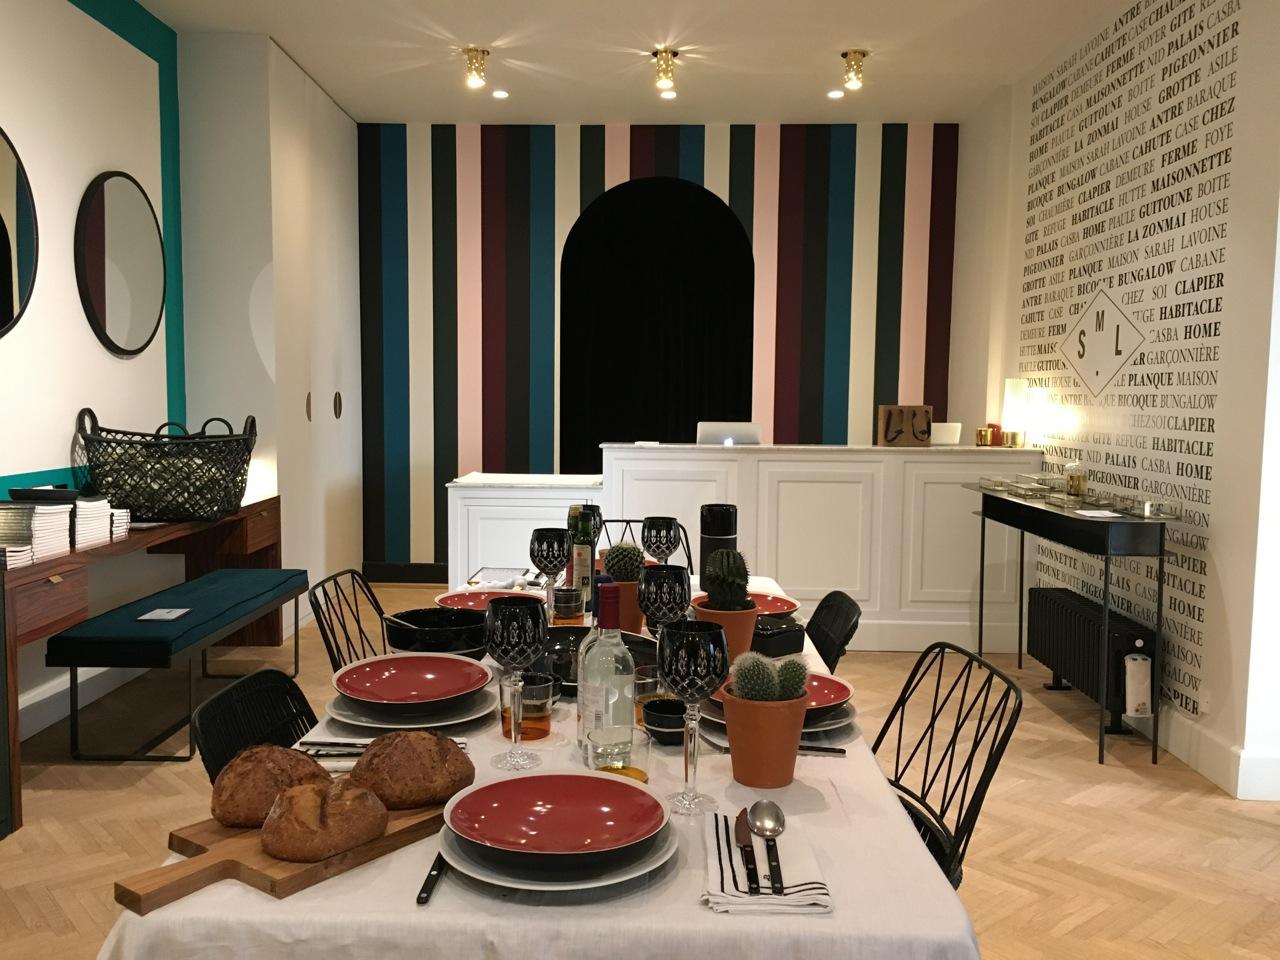 maison sarah lavoine the parisienne. Black Bedroom Furniture Sets. Home Design Ideas